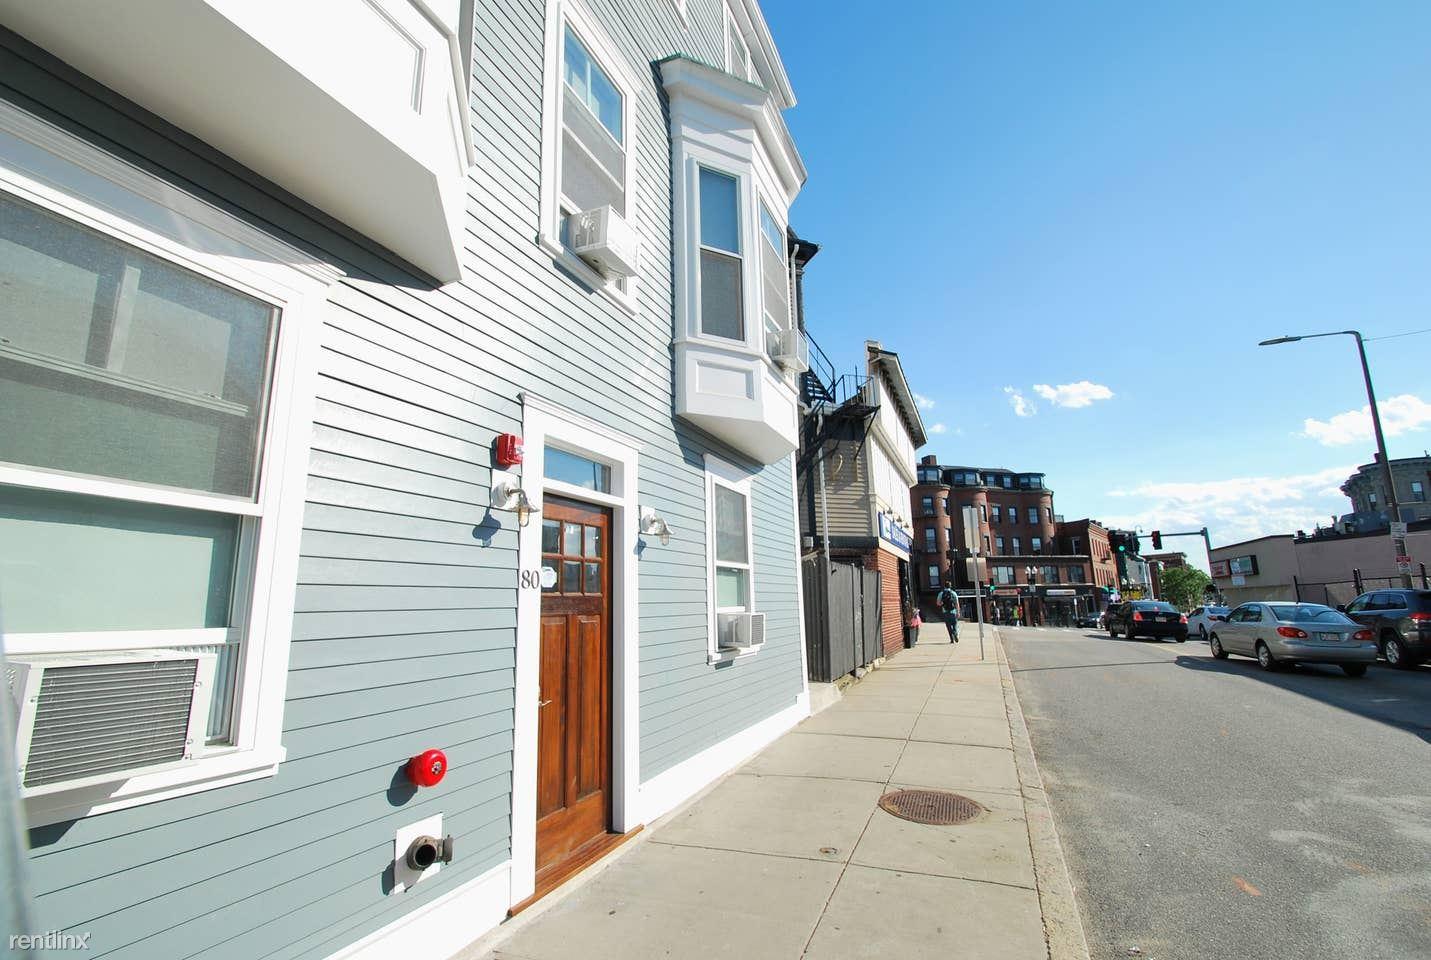 80 Dorchester St, Boston, MA - $850